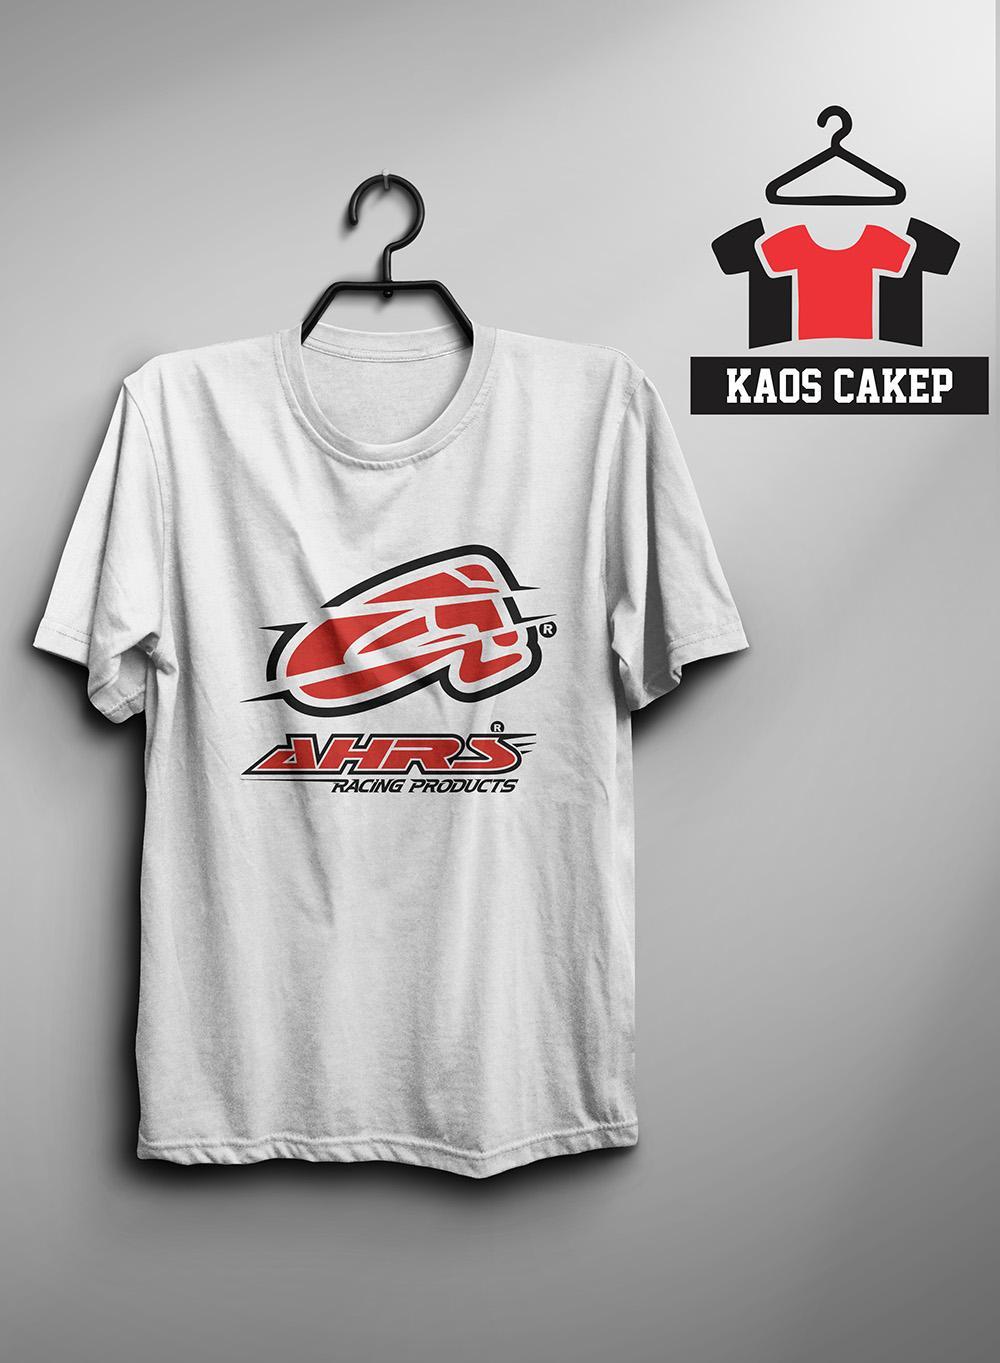 Kaos AHRS Racing